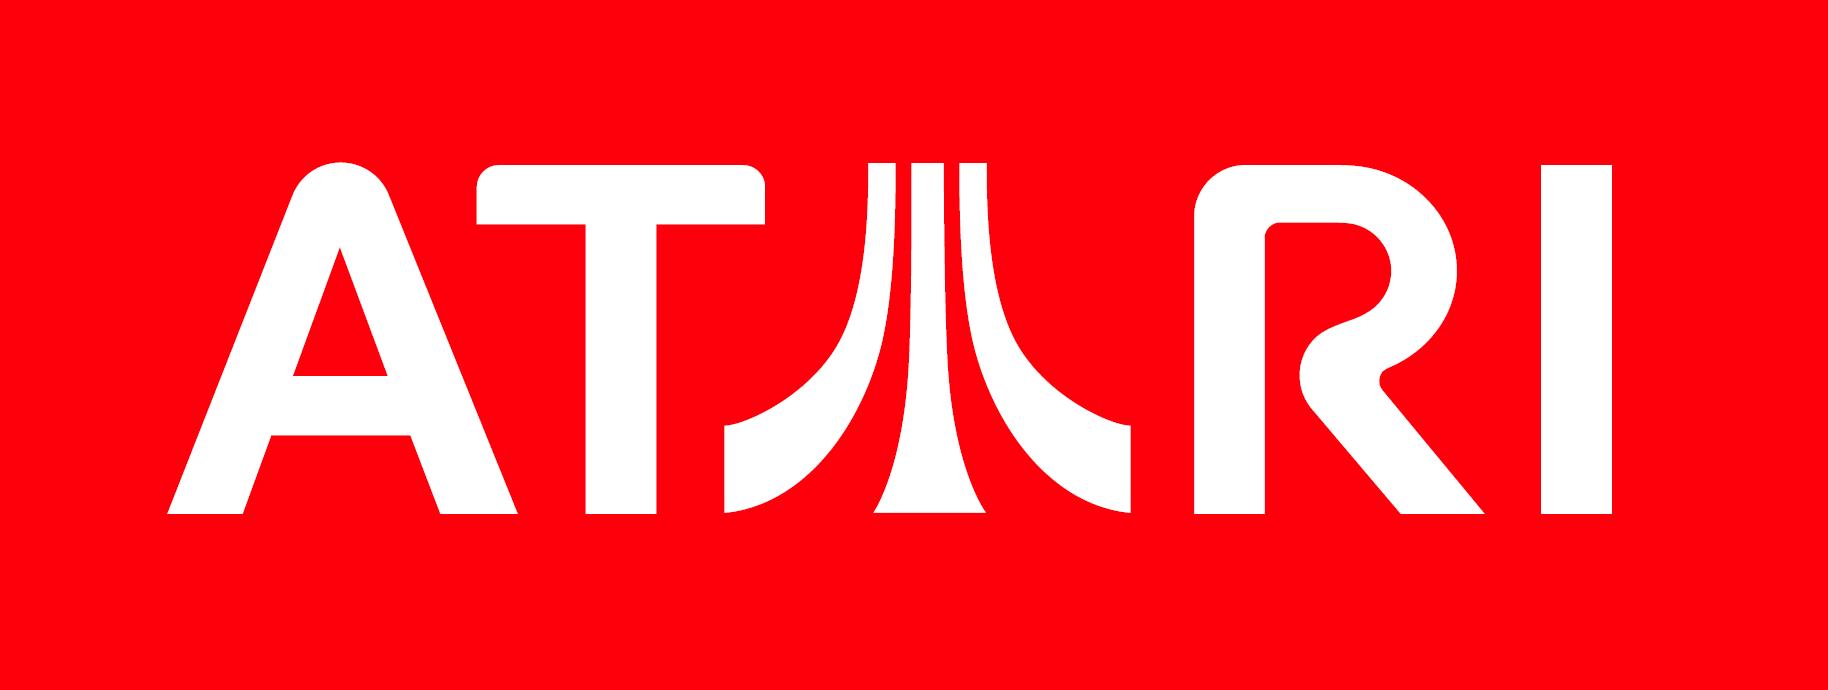 Atari Featured Image